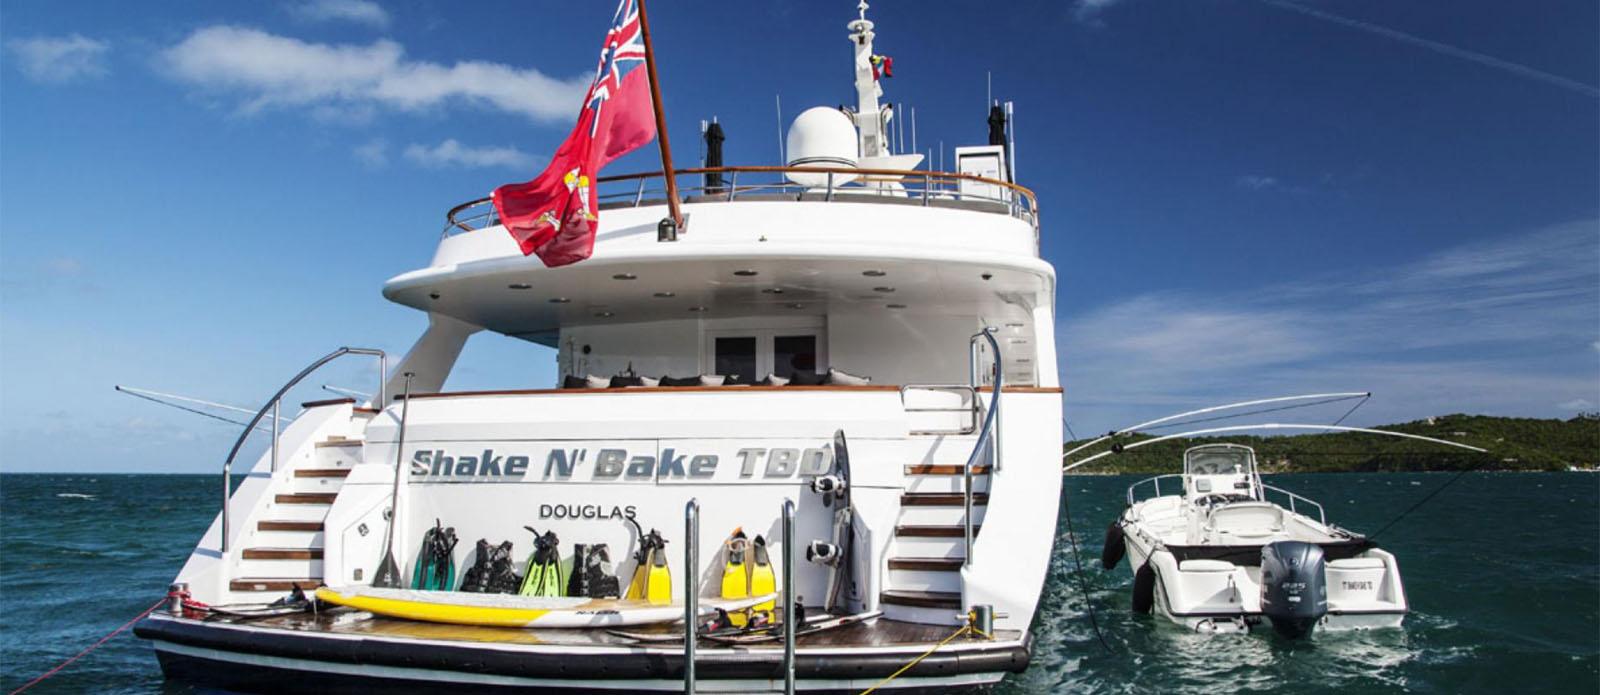 Shake & Bake TBD - Toys